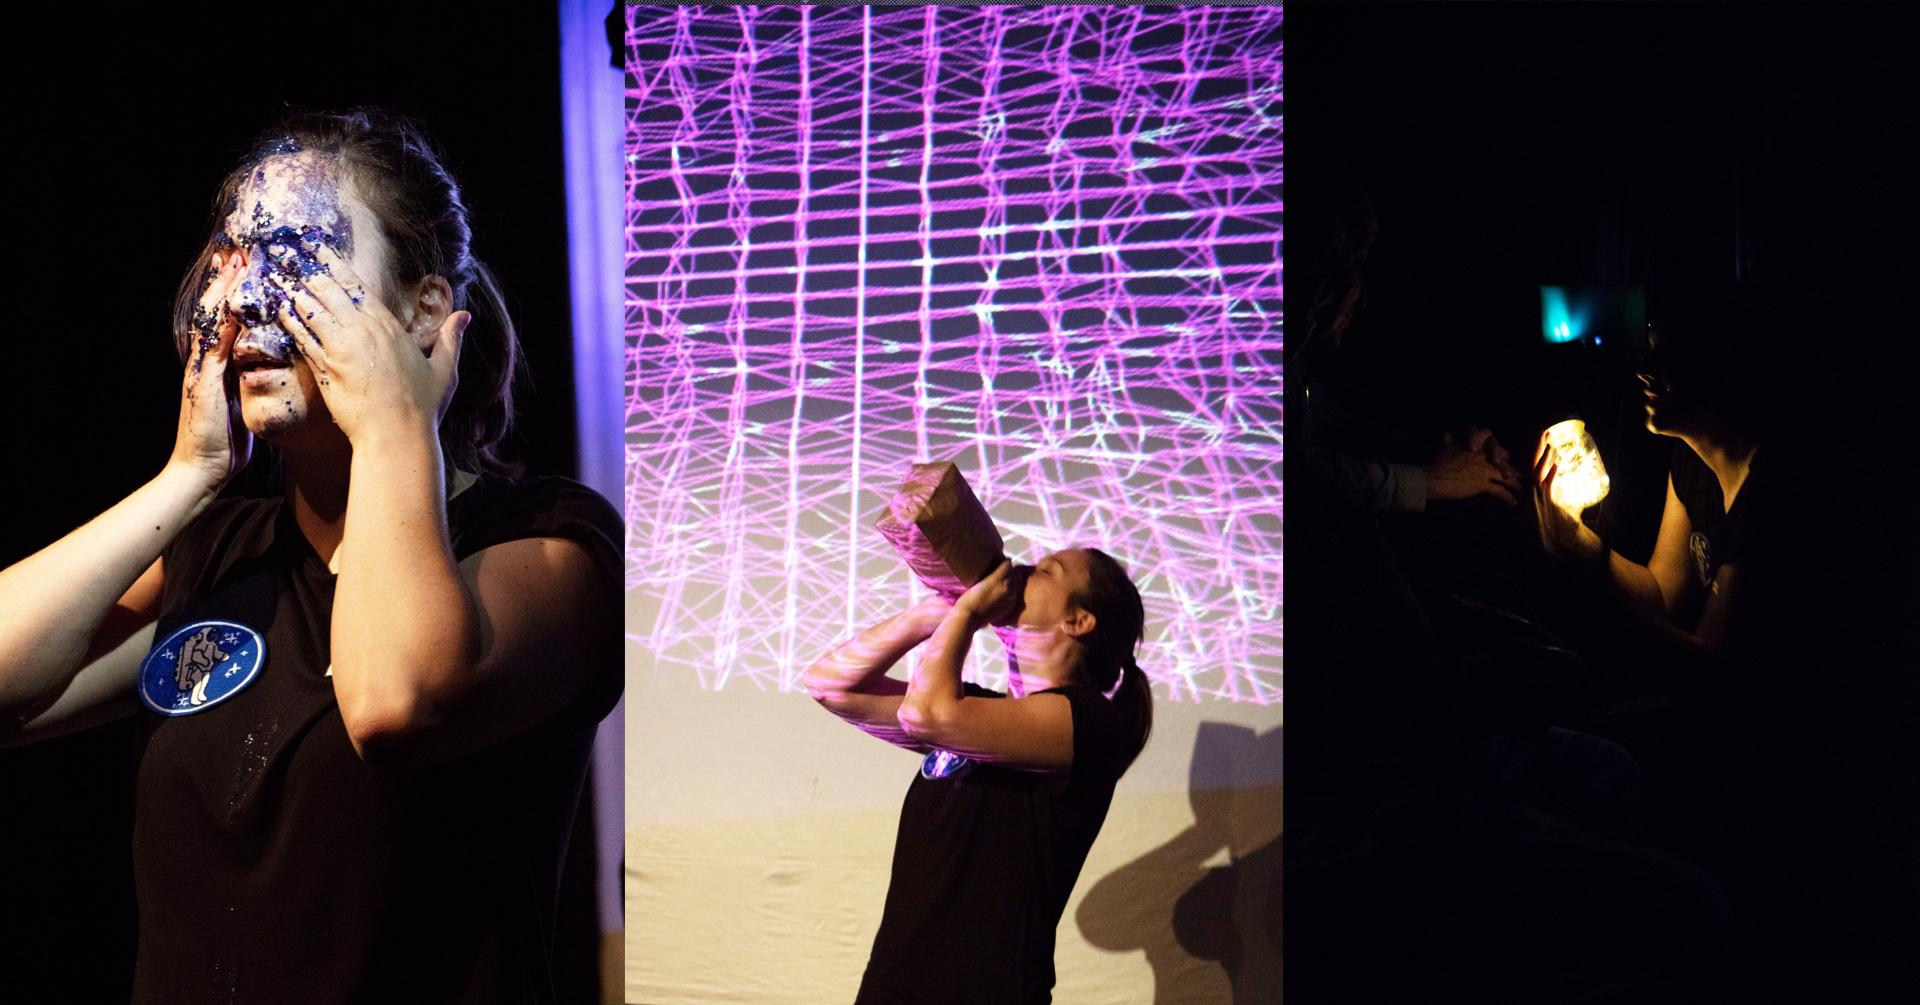 Triptyque de moment, donc le dernier avec le public, avec Andrée-Anne Giguère.